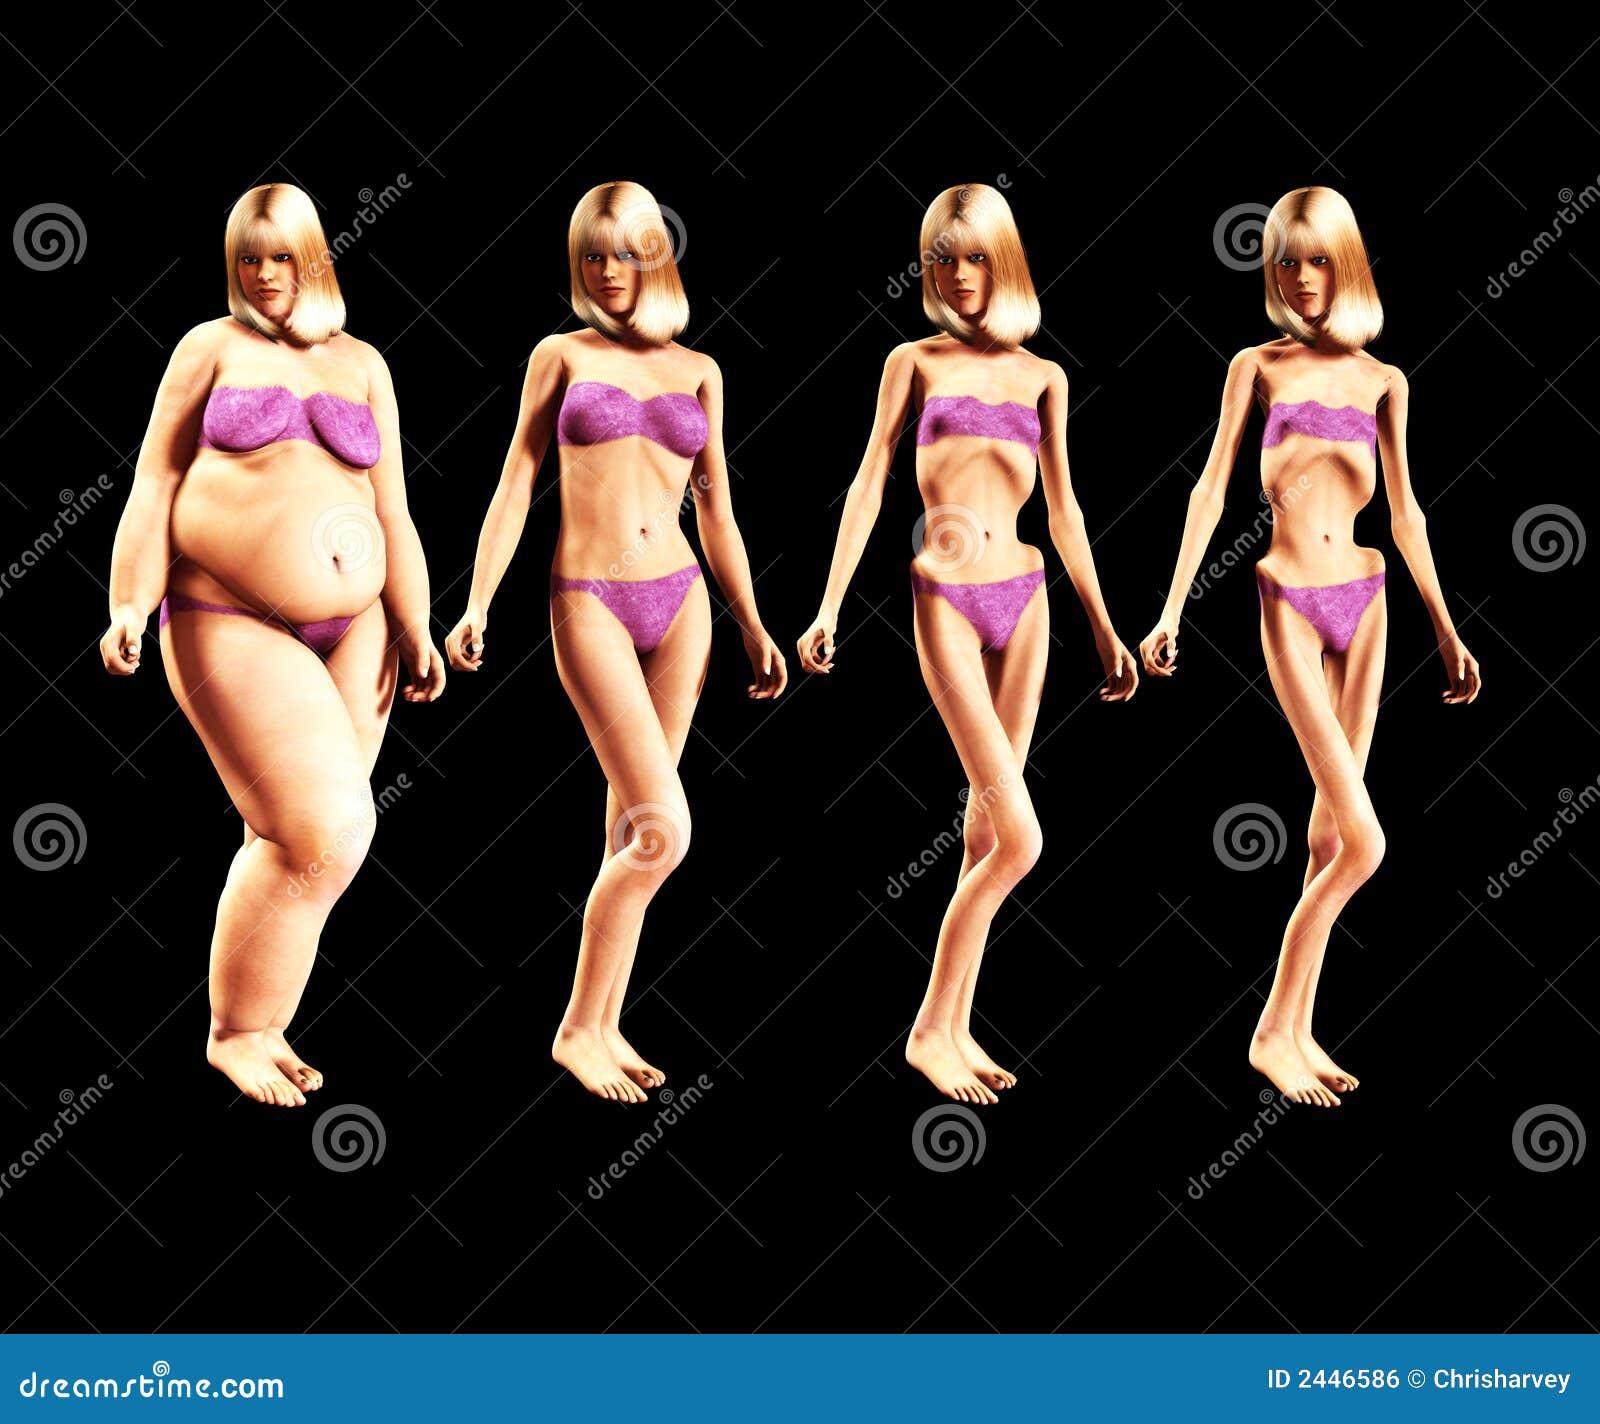 Vidéos anales libres de graisse